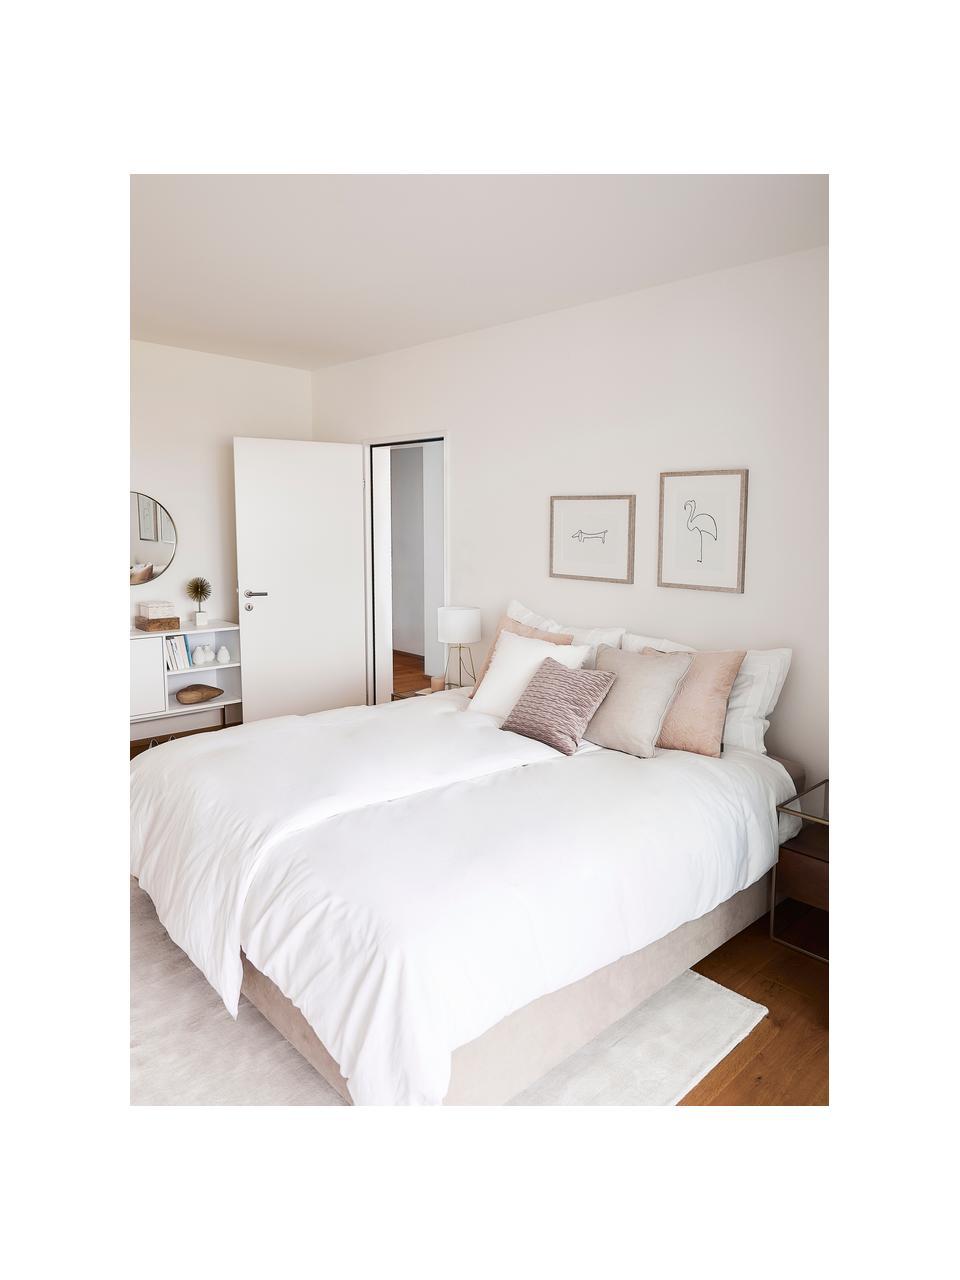 Łóżko kontynentalne bez zagłówka Aries, Nogi: tworzywo sztuczne, Beżowy, S 200 x D 200 cm